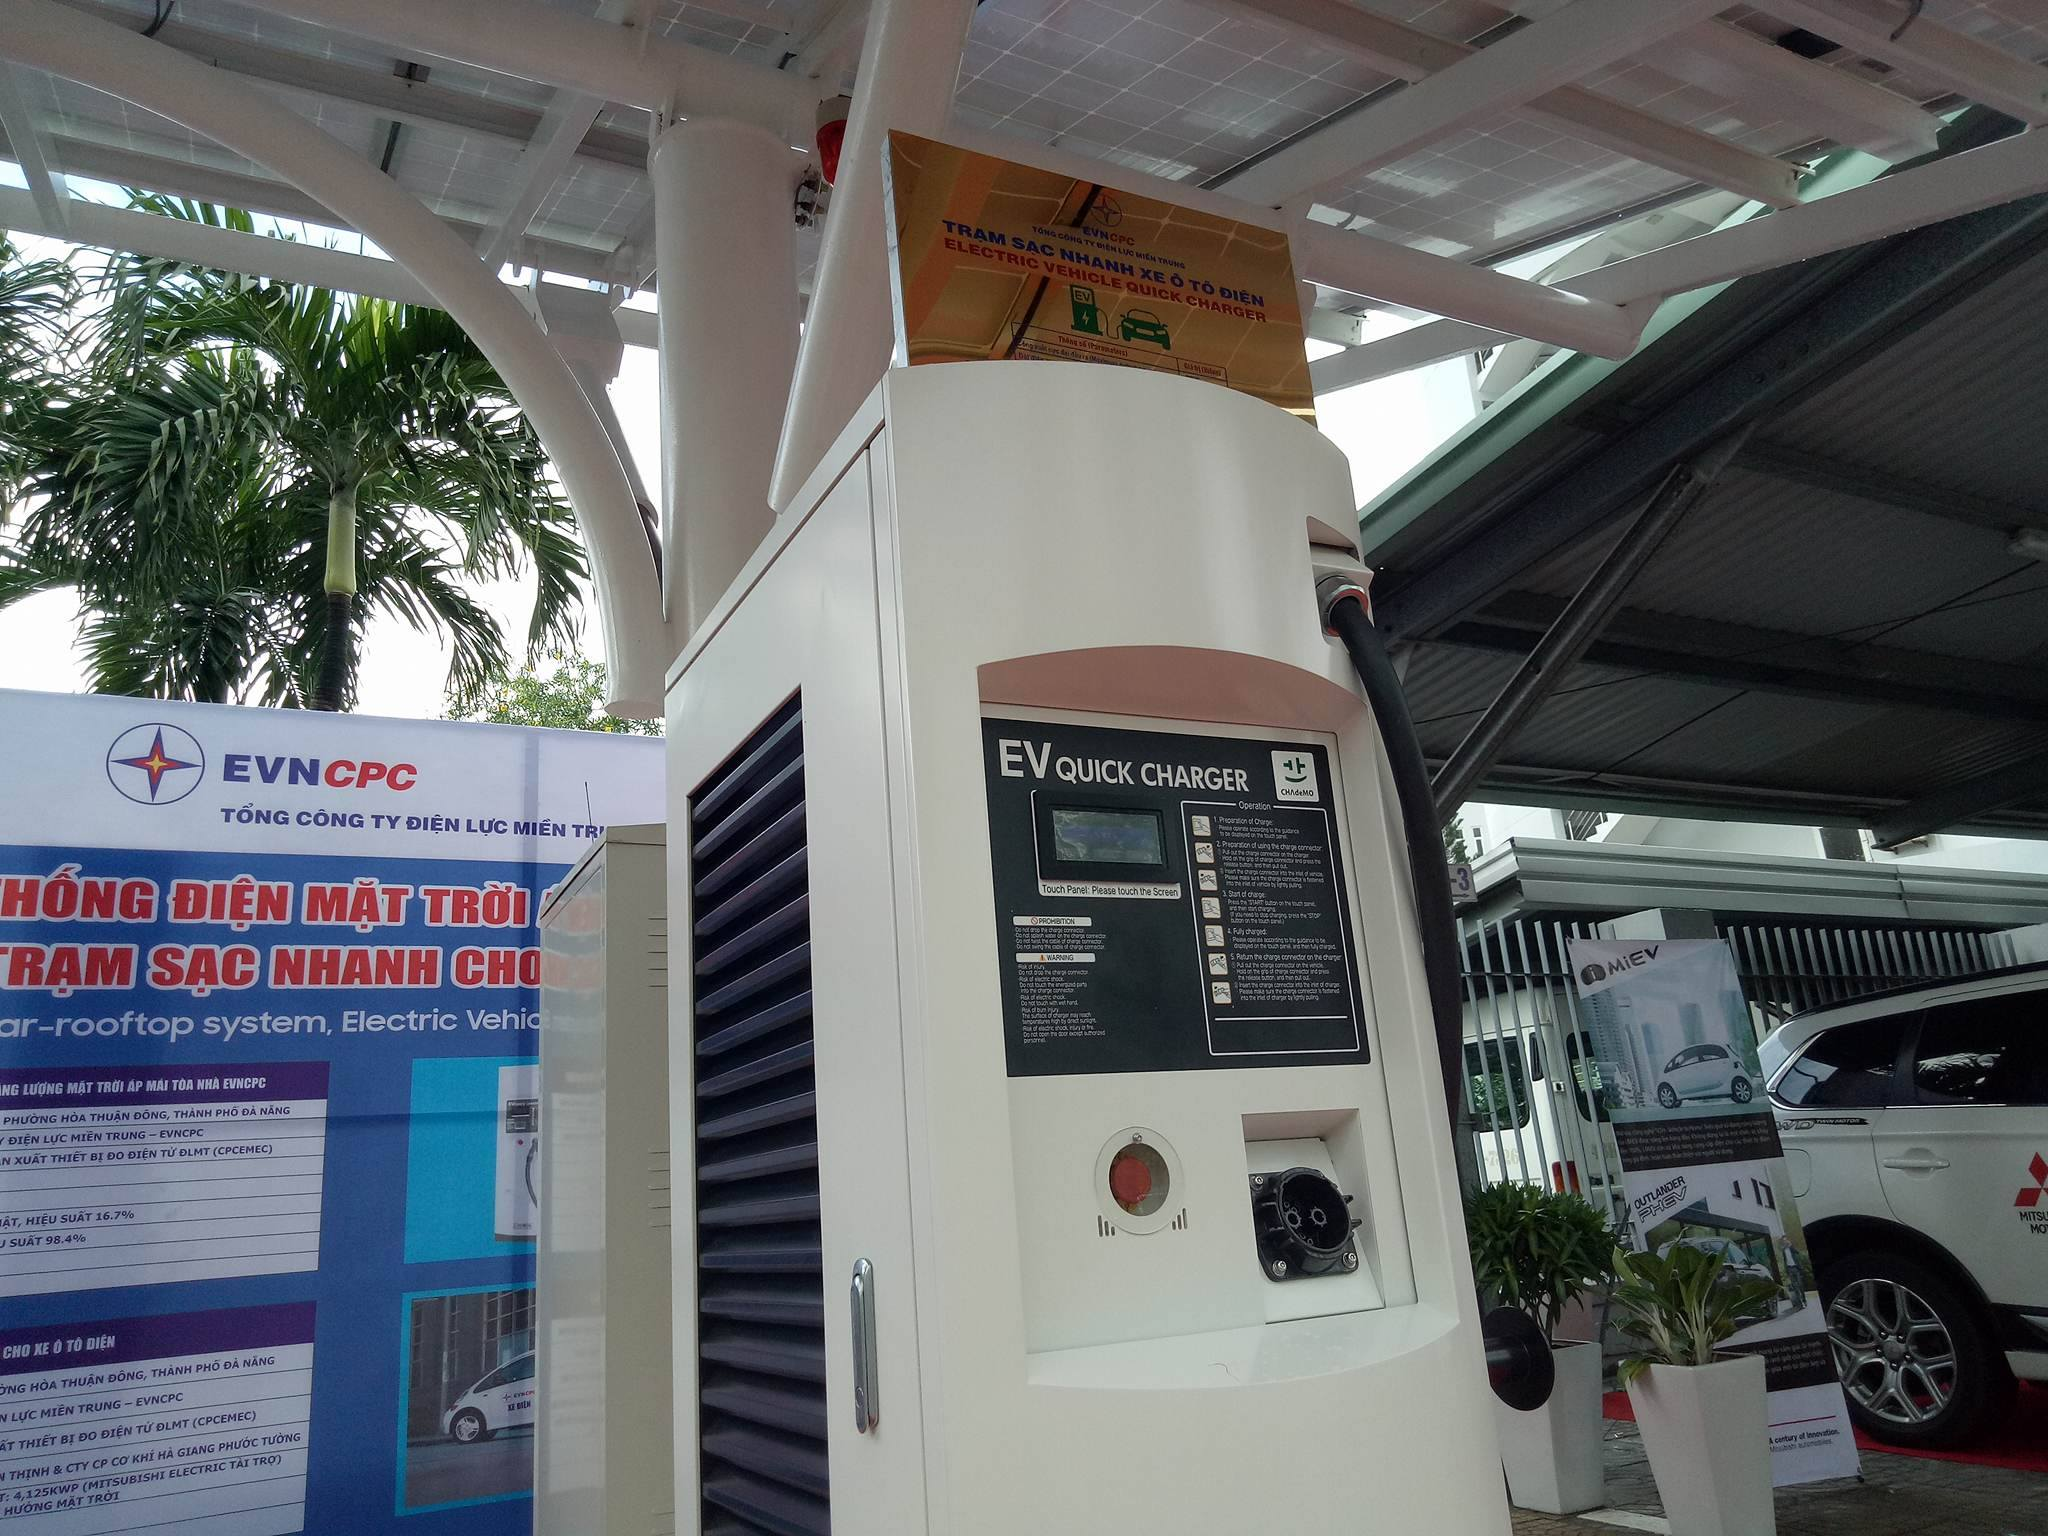 Đà Nẵng là địa phương đầu tiên có trạm sạc ô tô điện sử dụng năng lượng mặt trời.